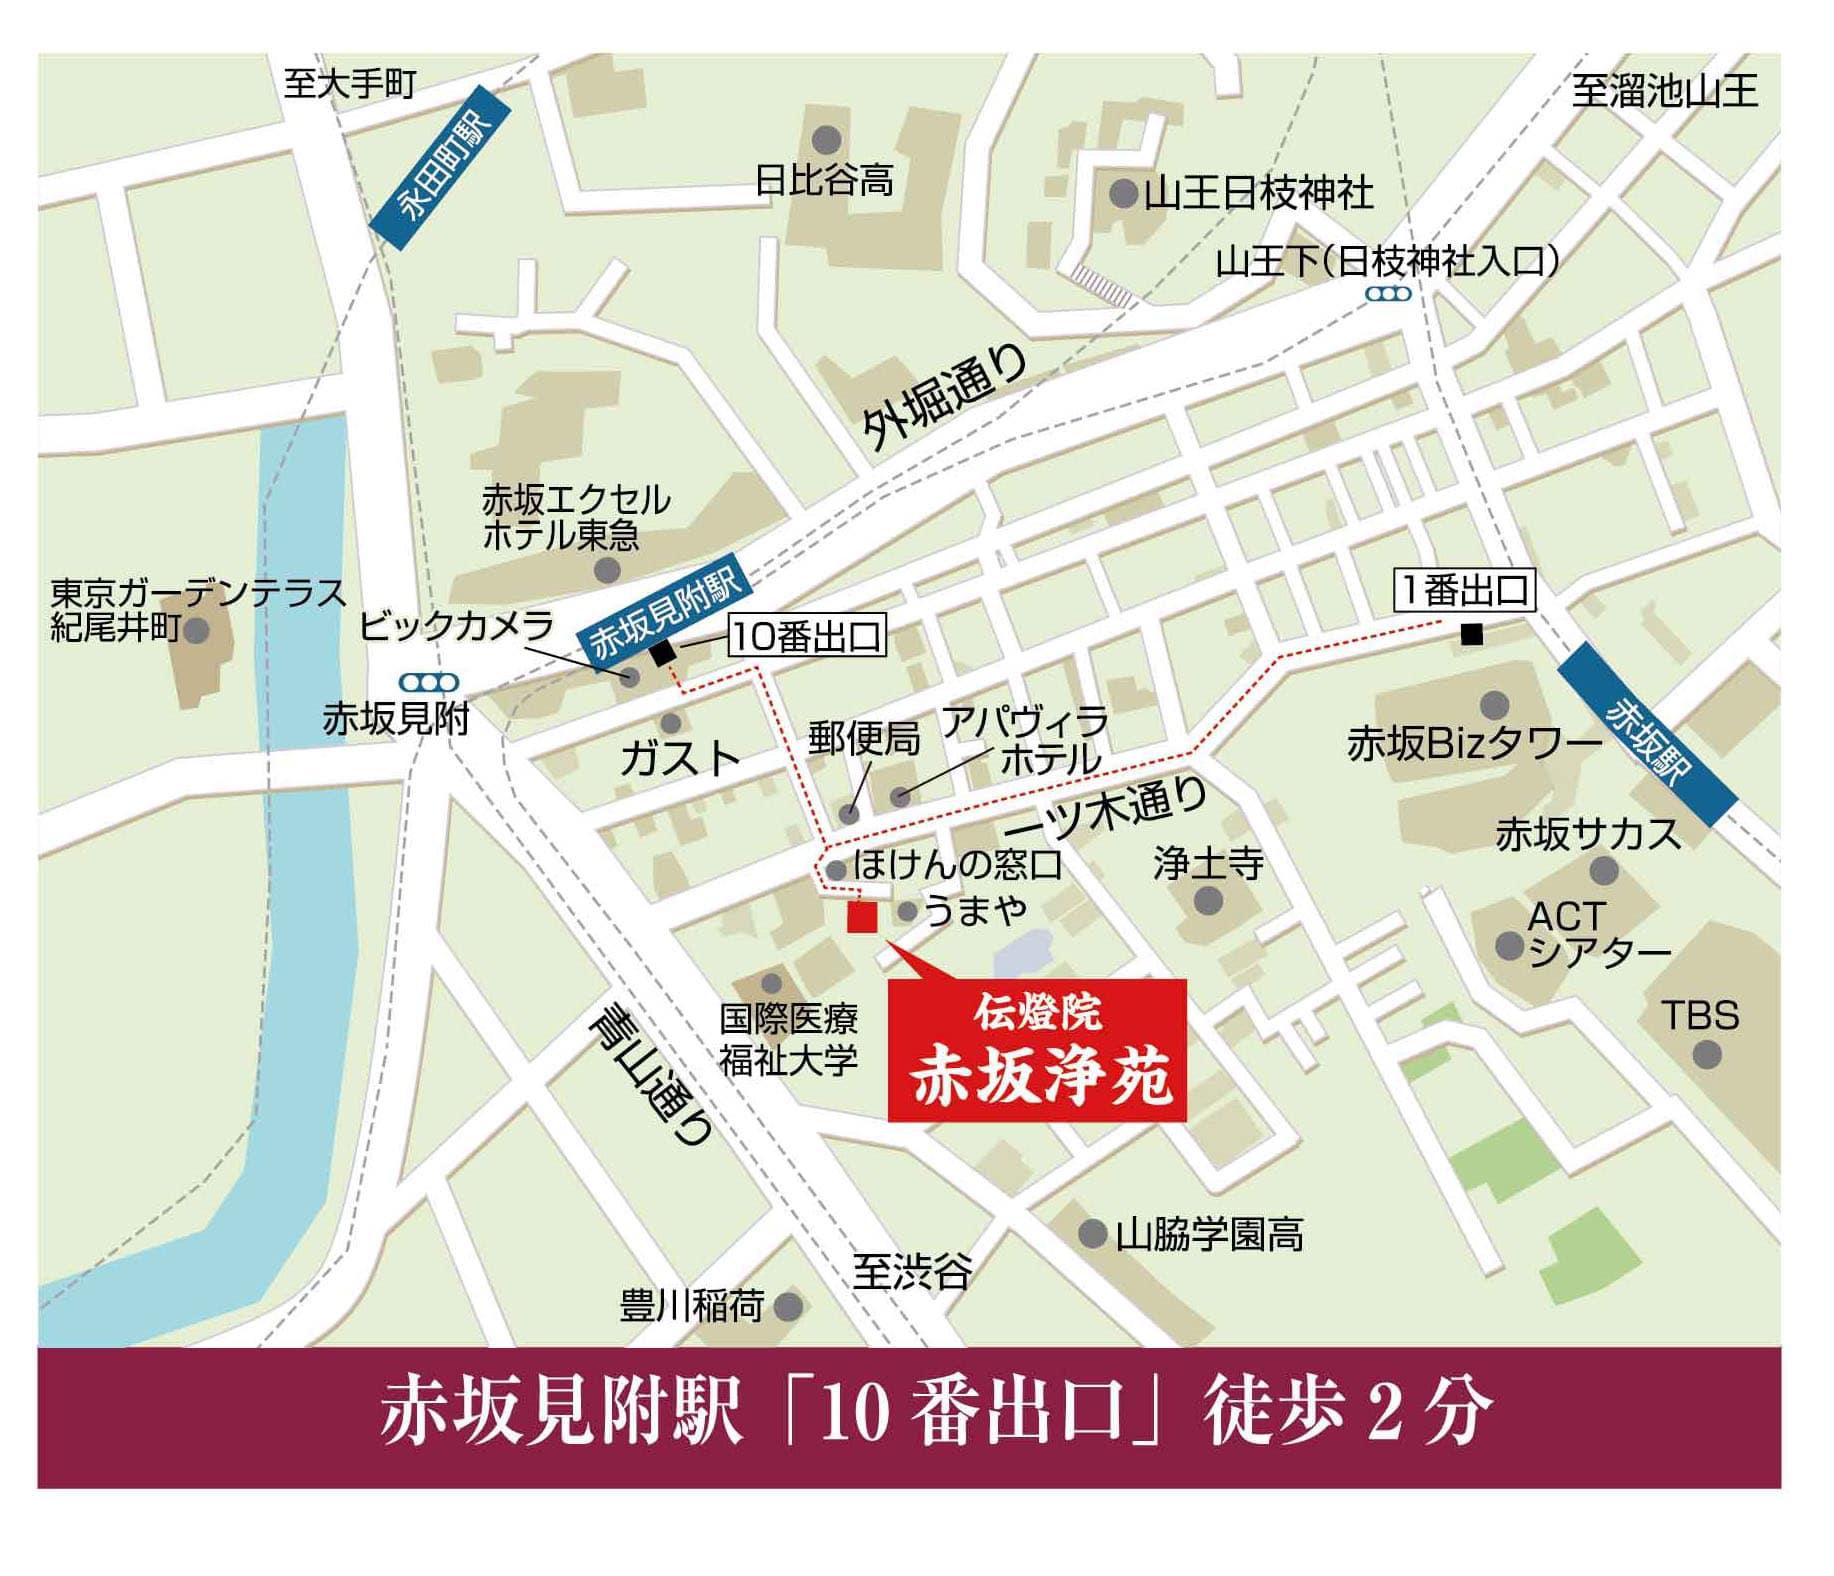 赤坂駅・赤坂見附駅から伝燈院赤坂浄苑までの地図